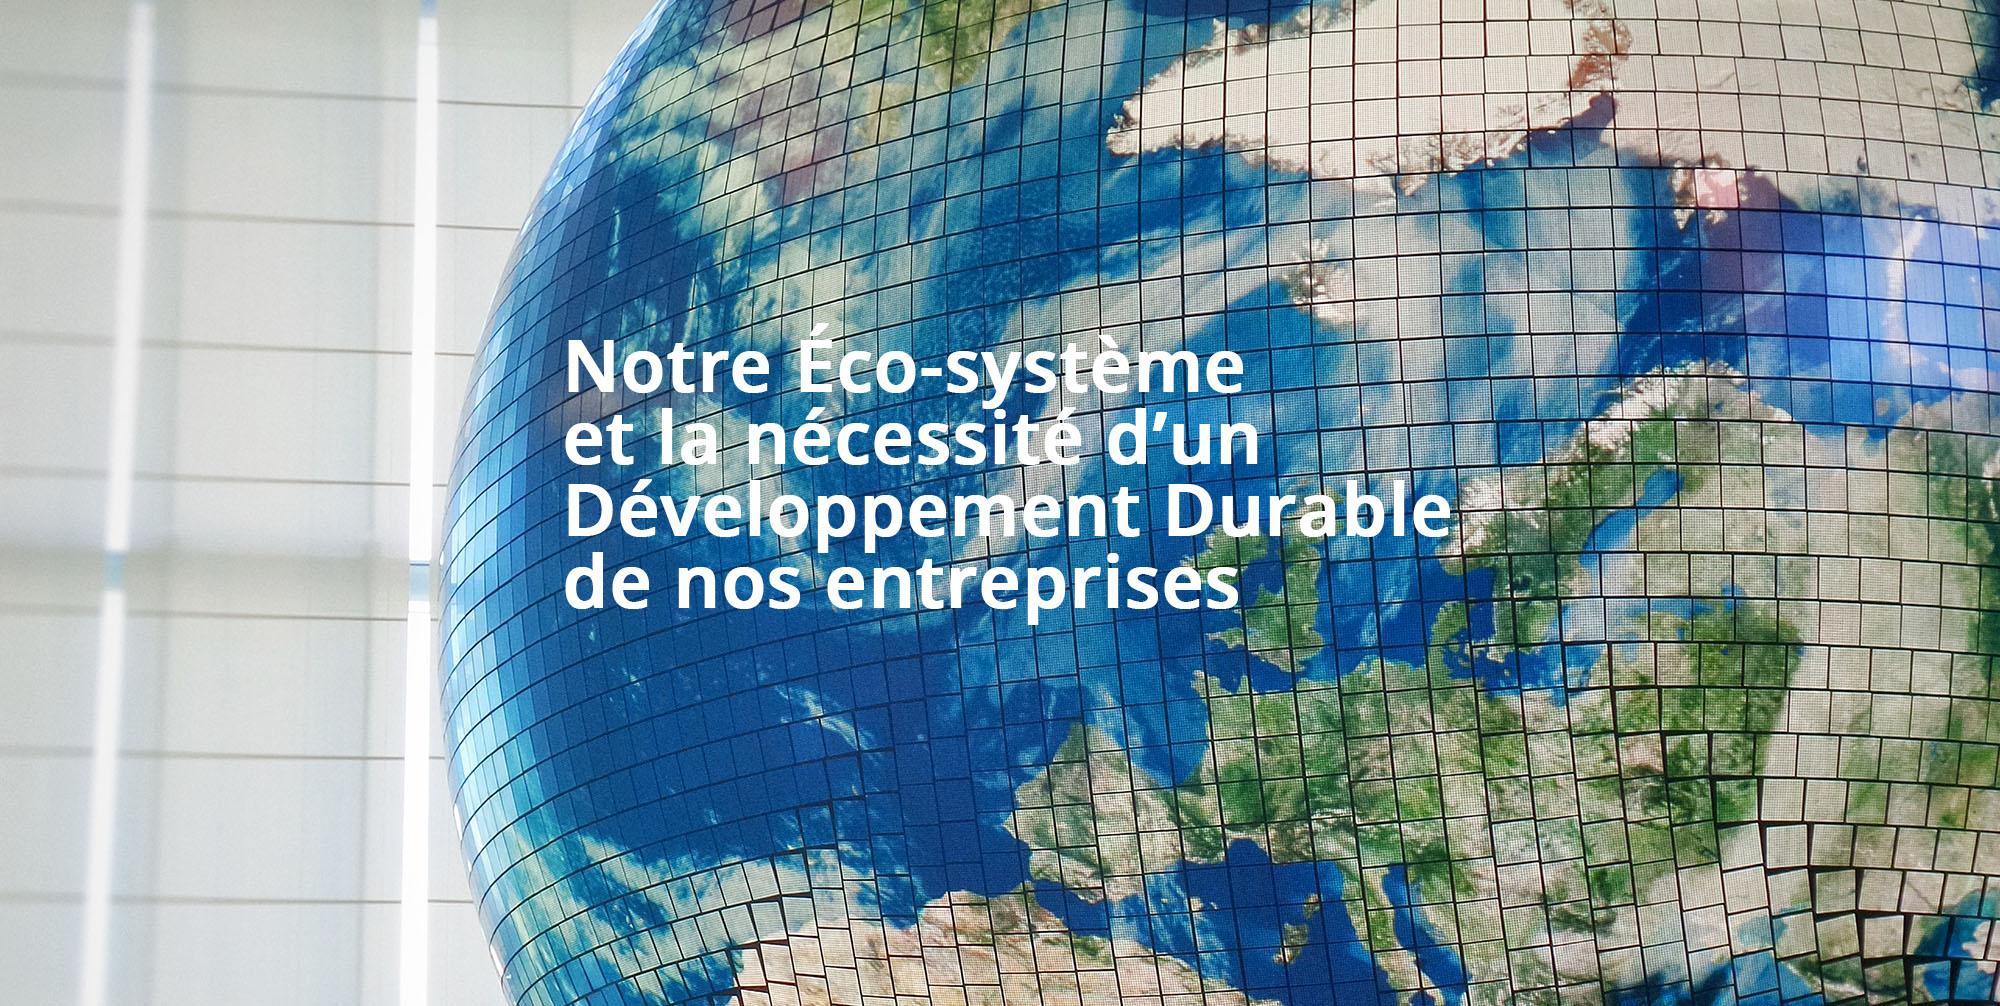 Responsabilité Sociétale des Entreprises - RSE - ISO 26000